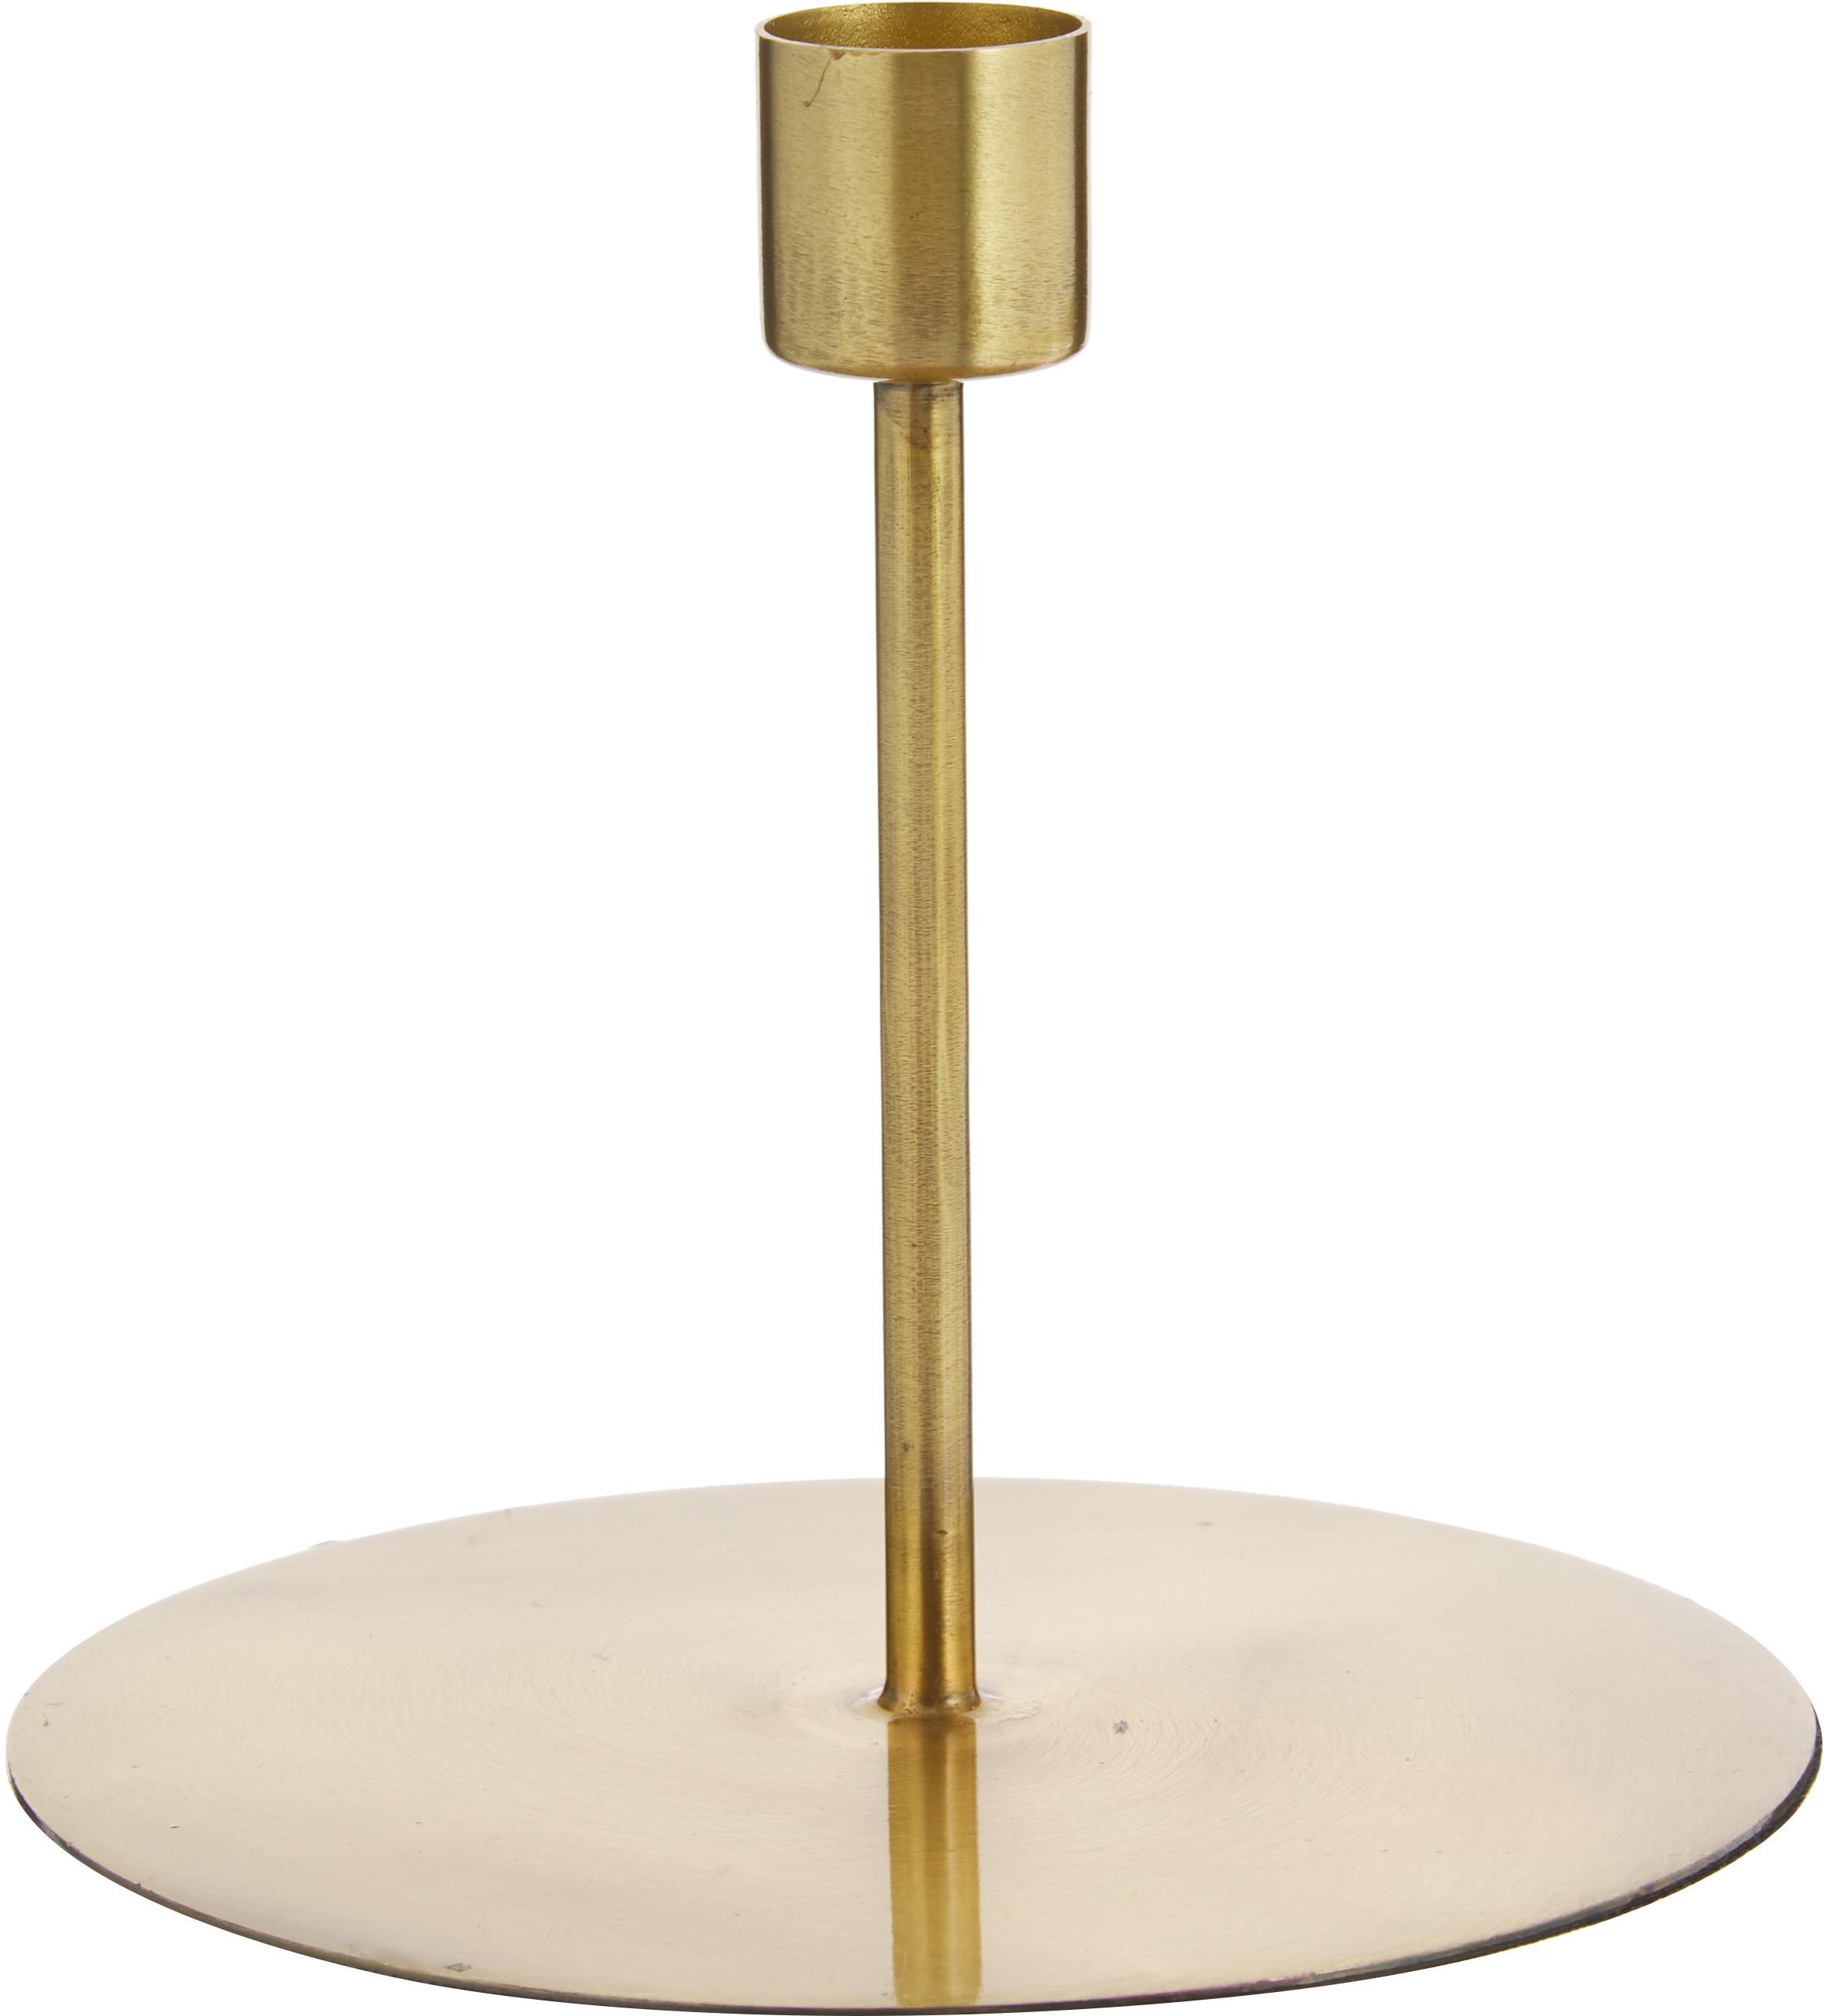 Kerzenhalter Anit, Metall, beschichtet, Messingfarben, Ø 13 x H 12 cm